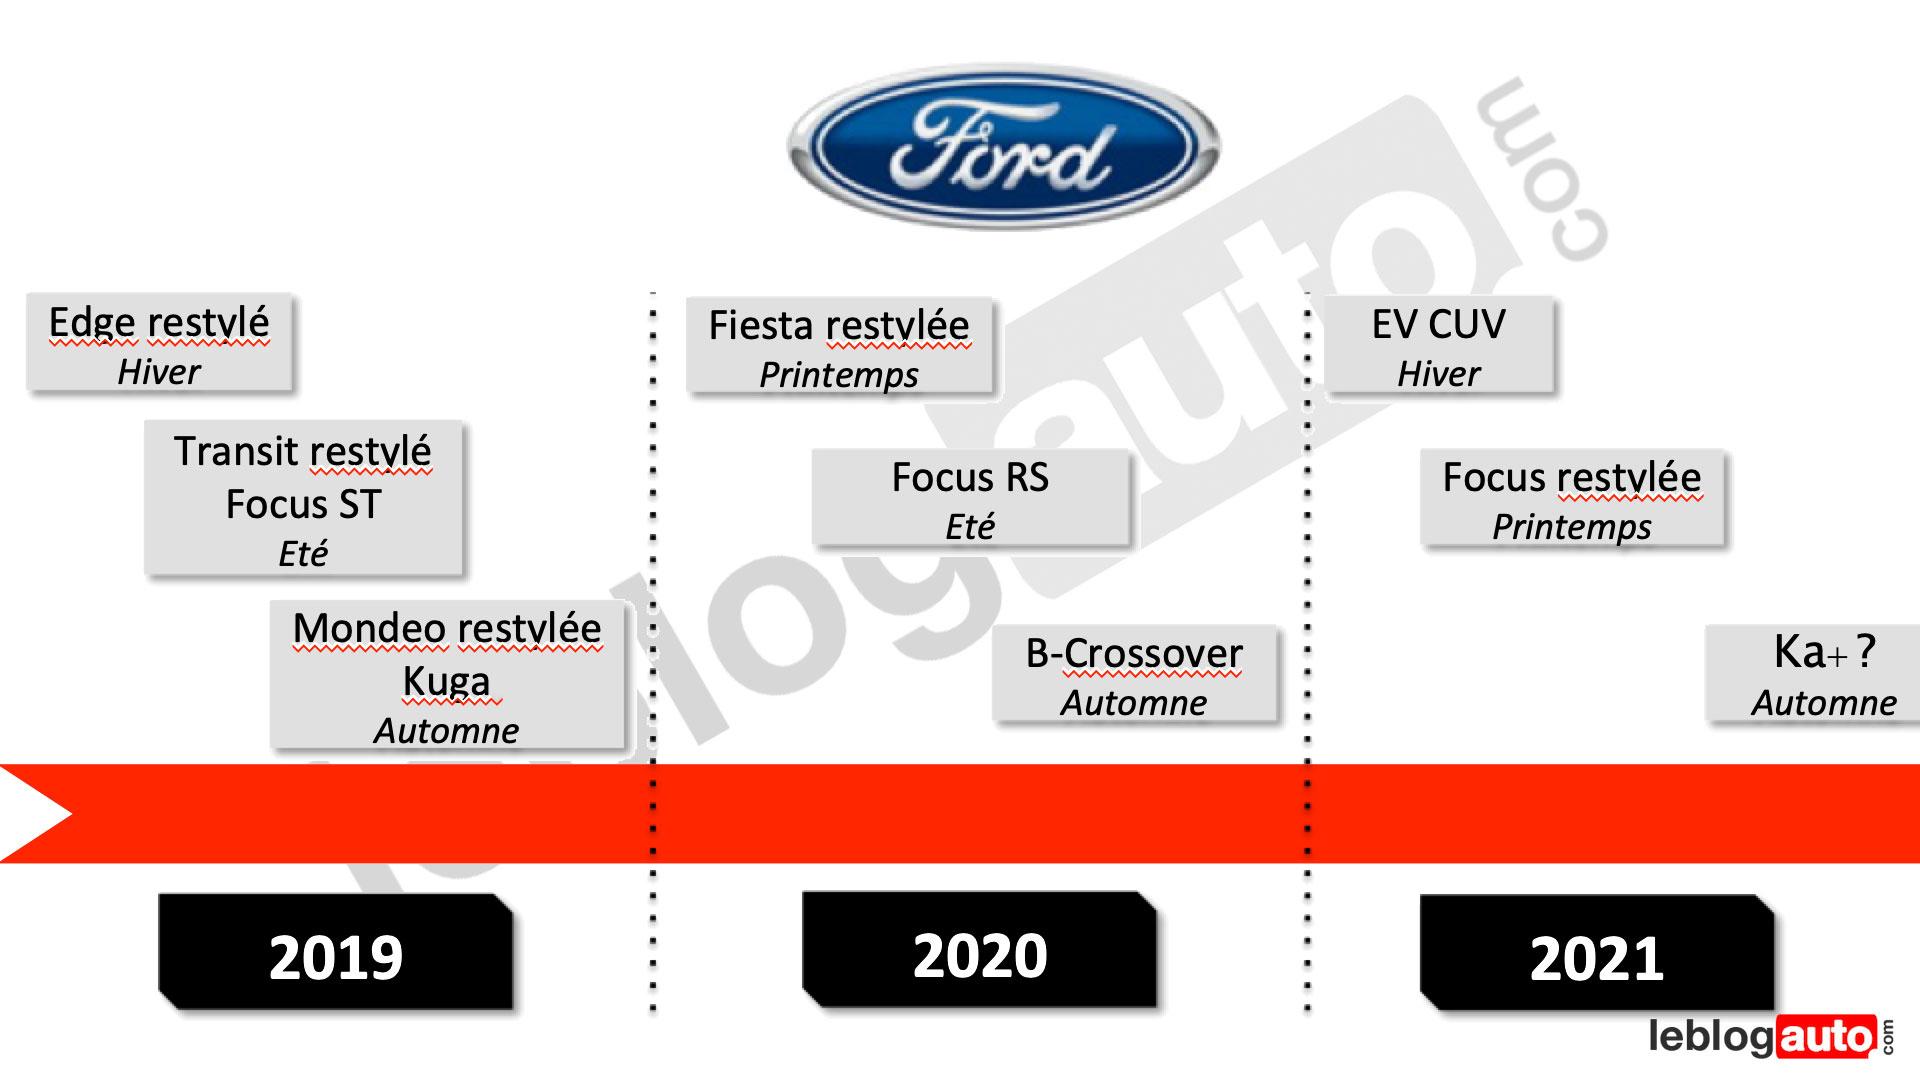 Toutes Les Futures Ford De 2019 À 2021 - Leblogauto